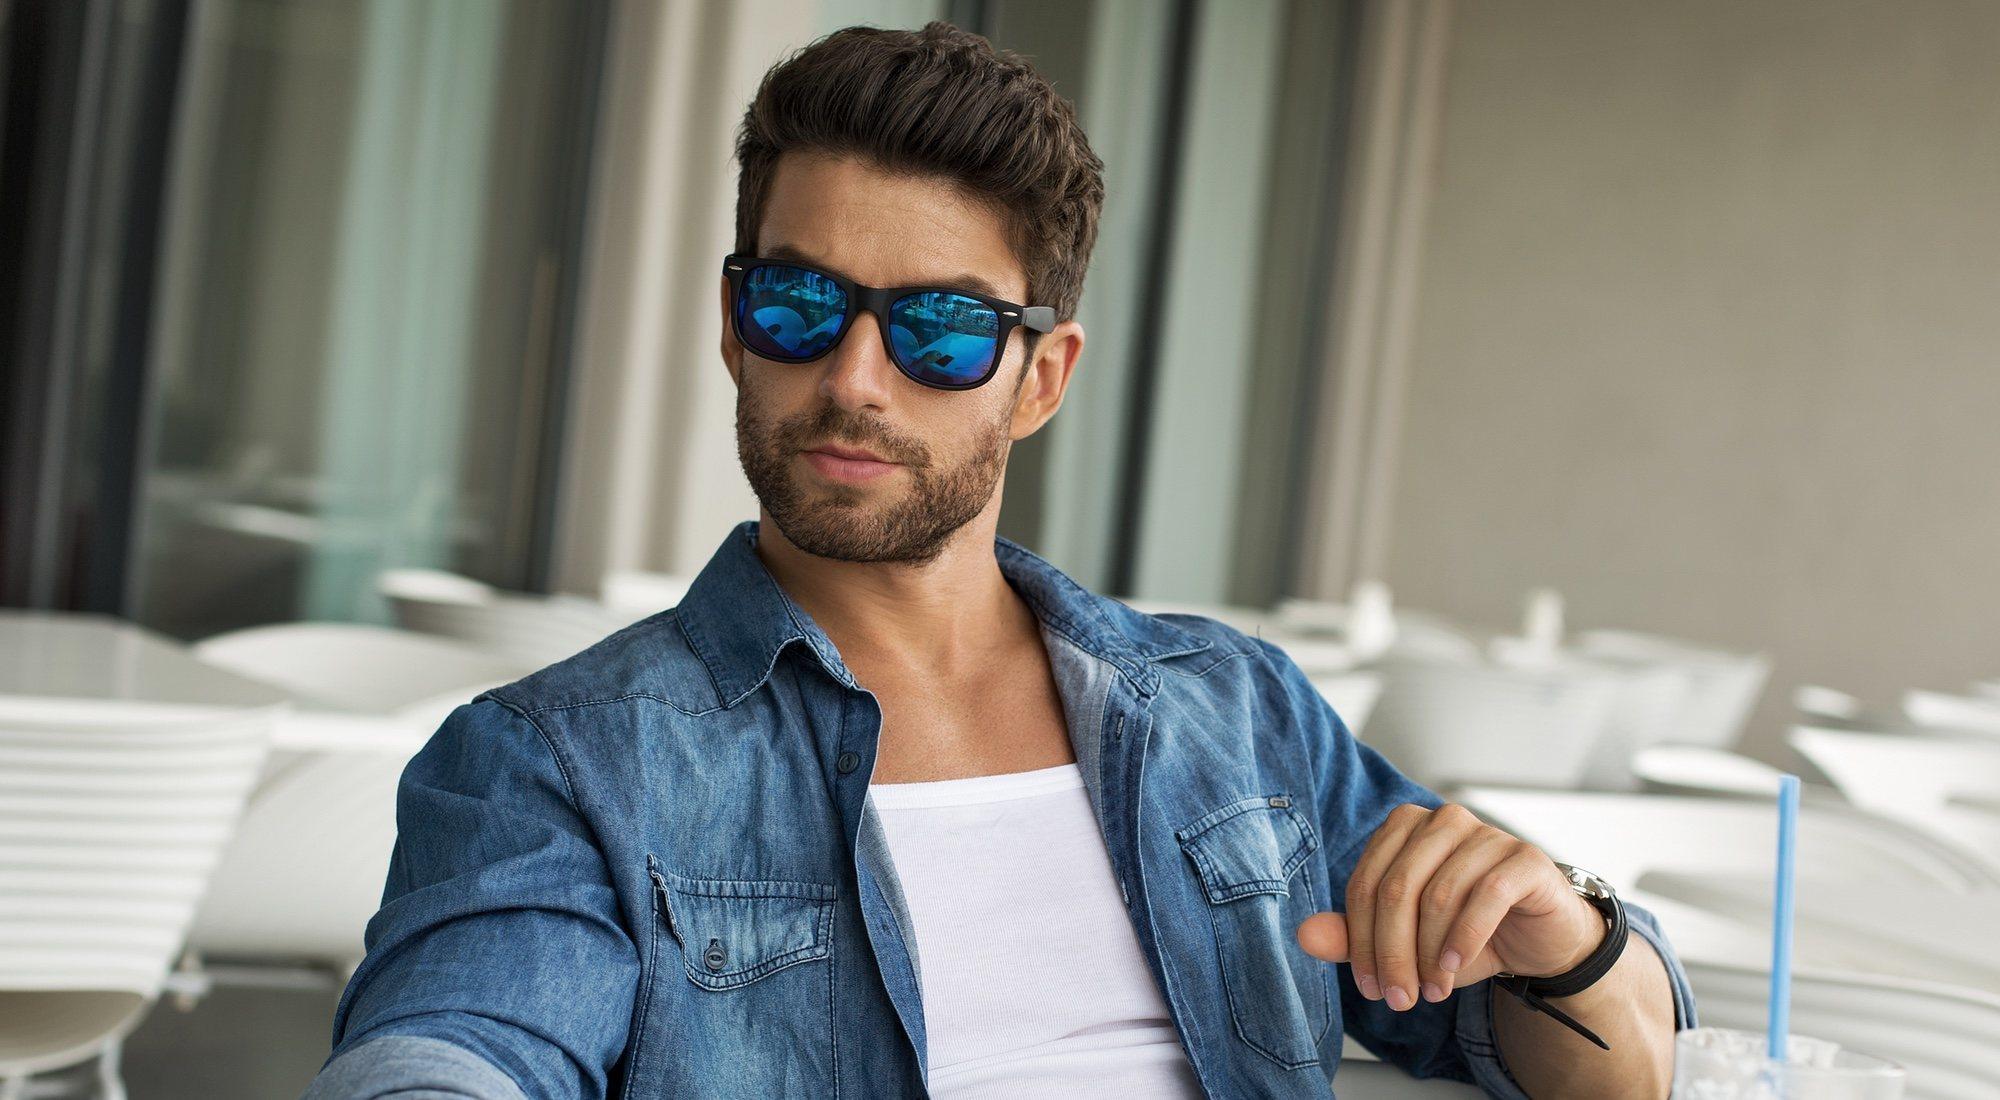 Gafas de sol polarizadas: qué son, ventajas e inconvenientes